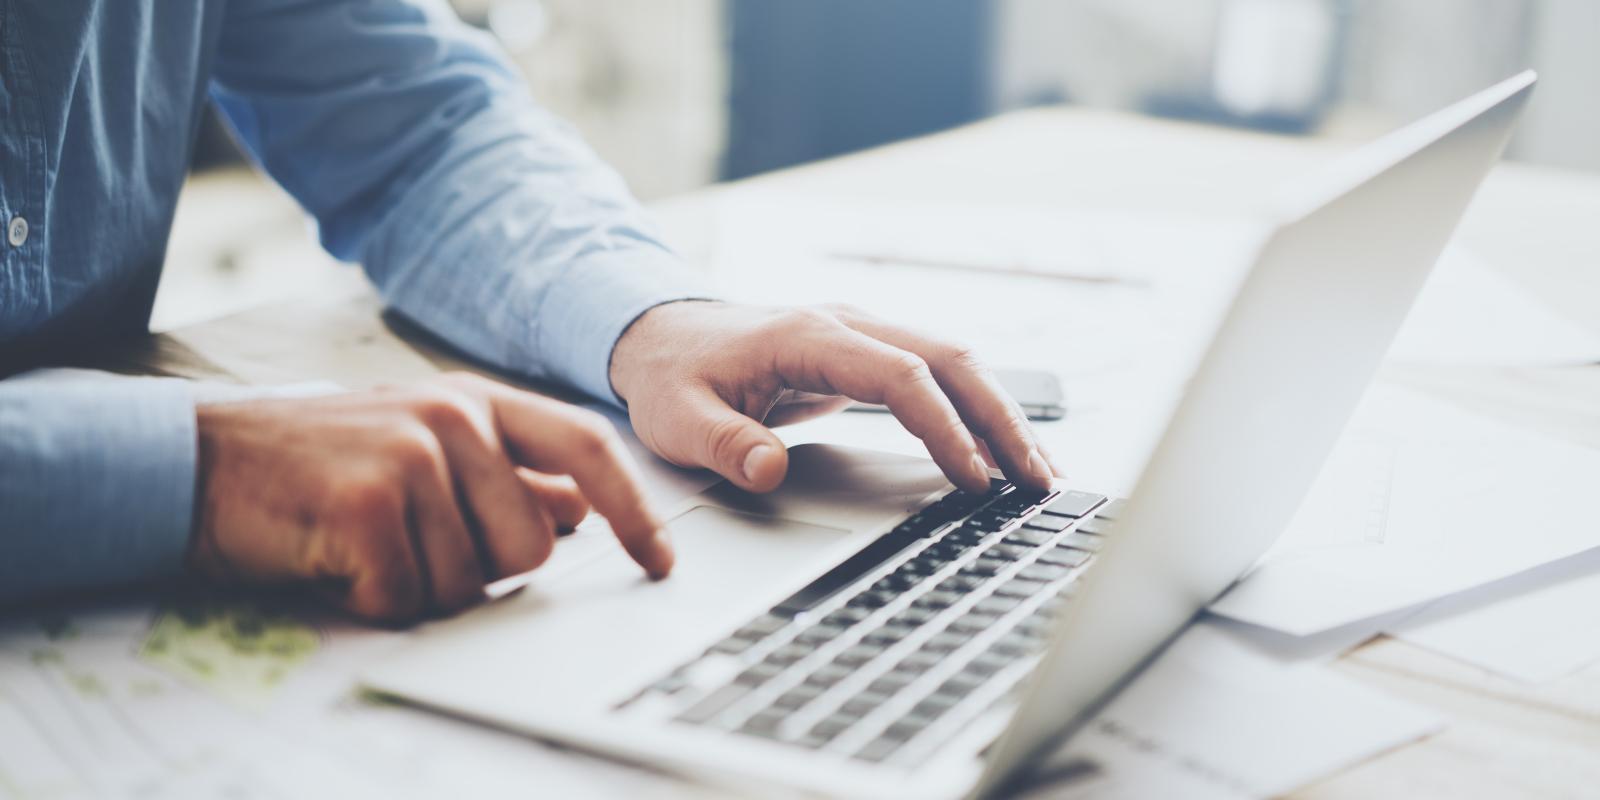 ¿Cómo crear una landing page?: Tips para captar clientes potenciales usando páginas de aterrizajes